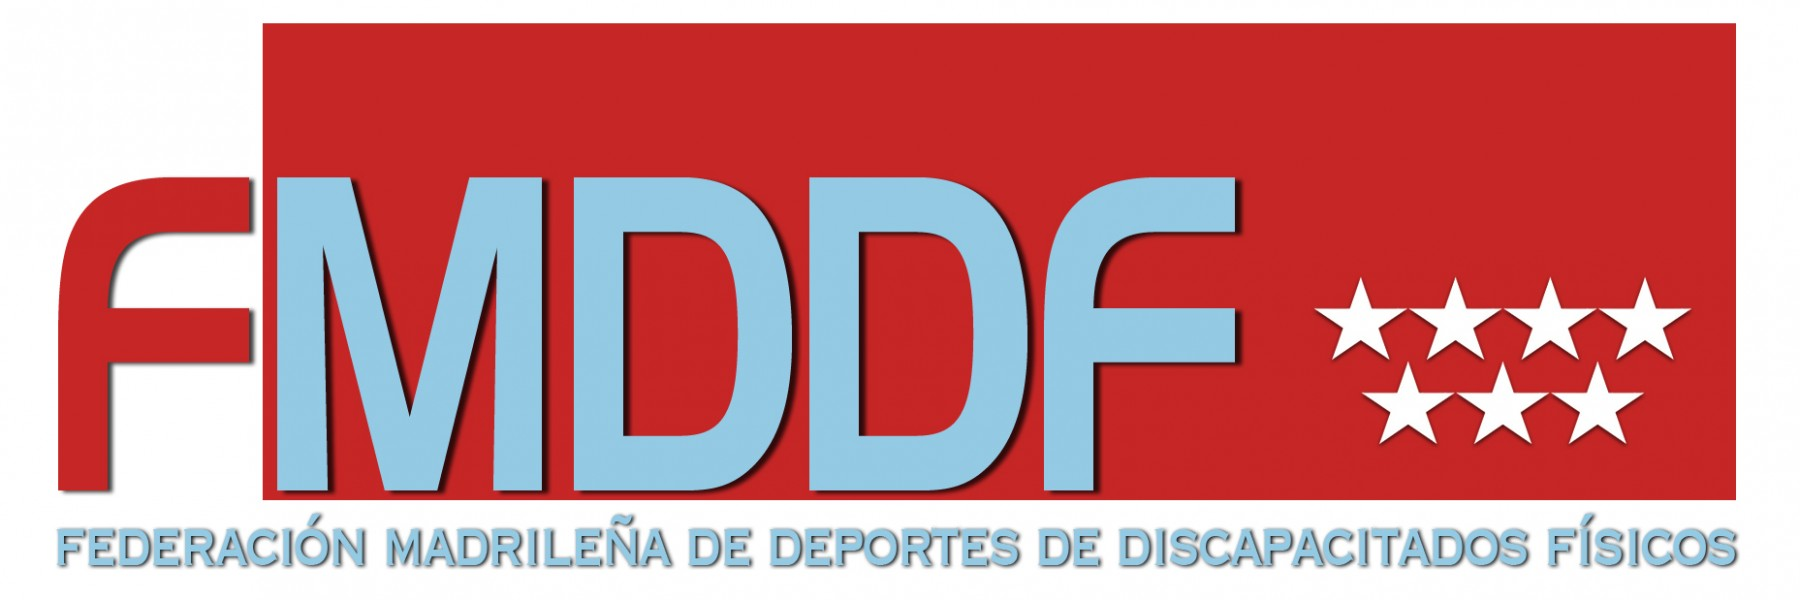 Federación Madrileña de Deportes para personas con Discapacidad Física - FMDDF